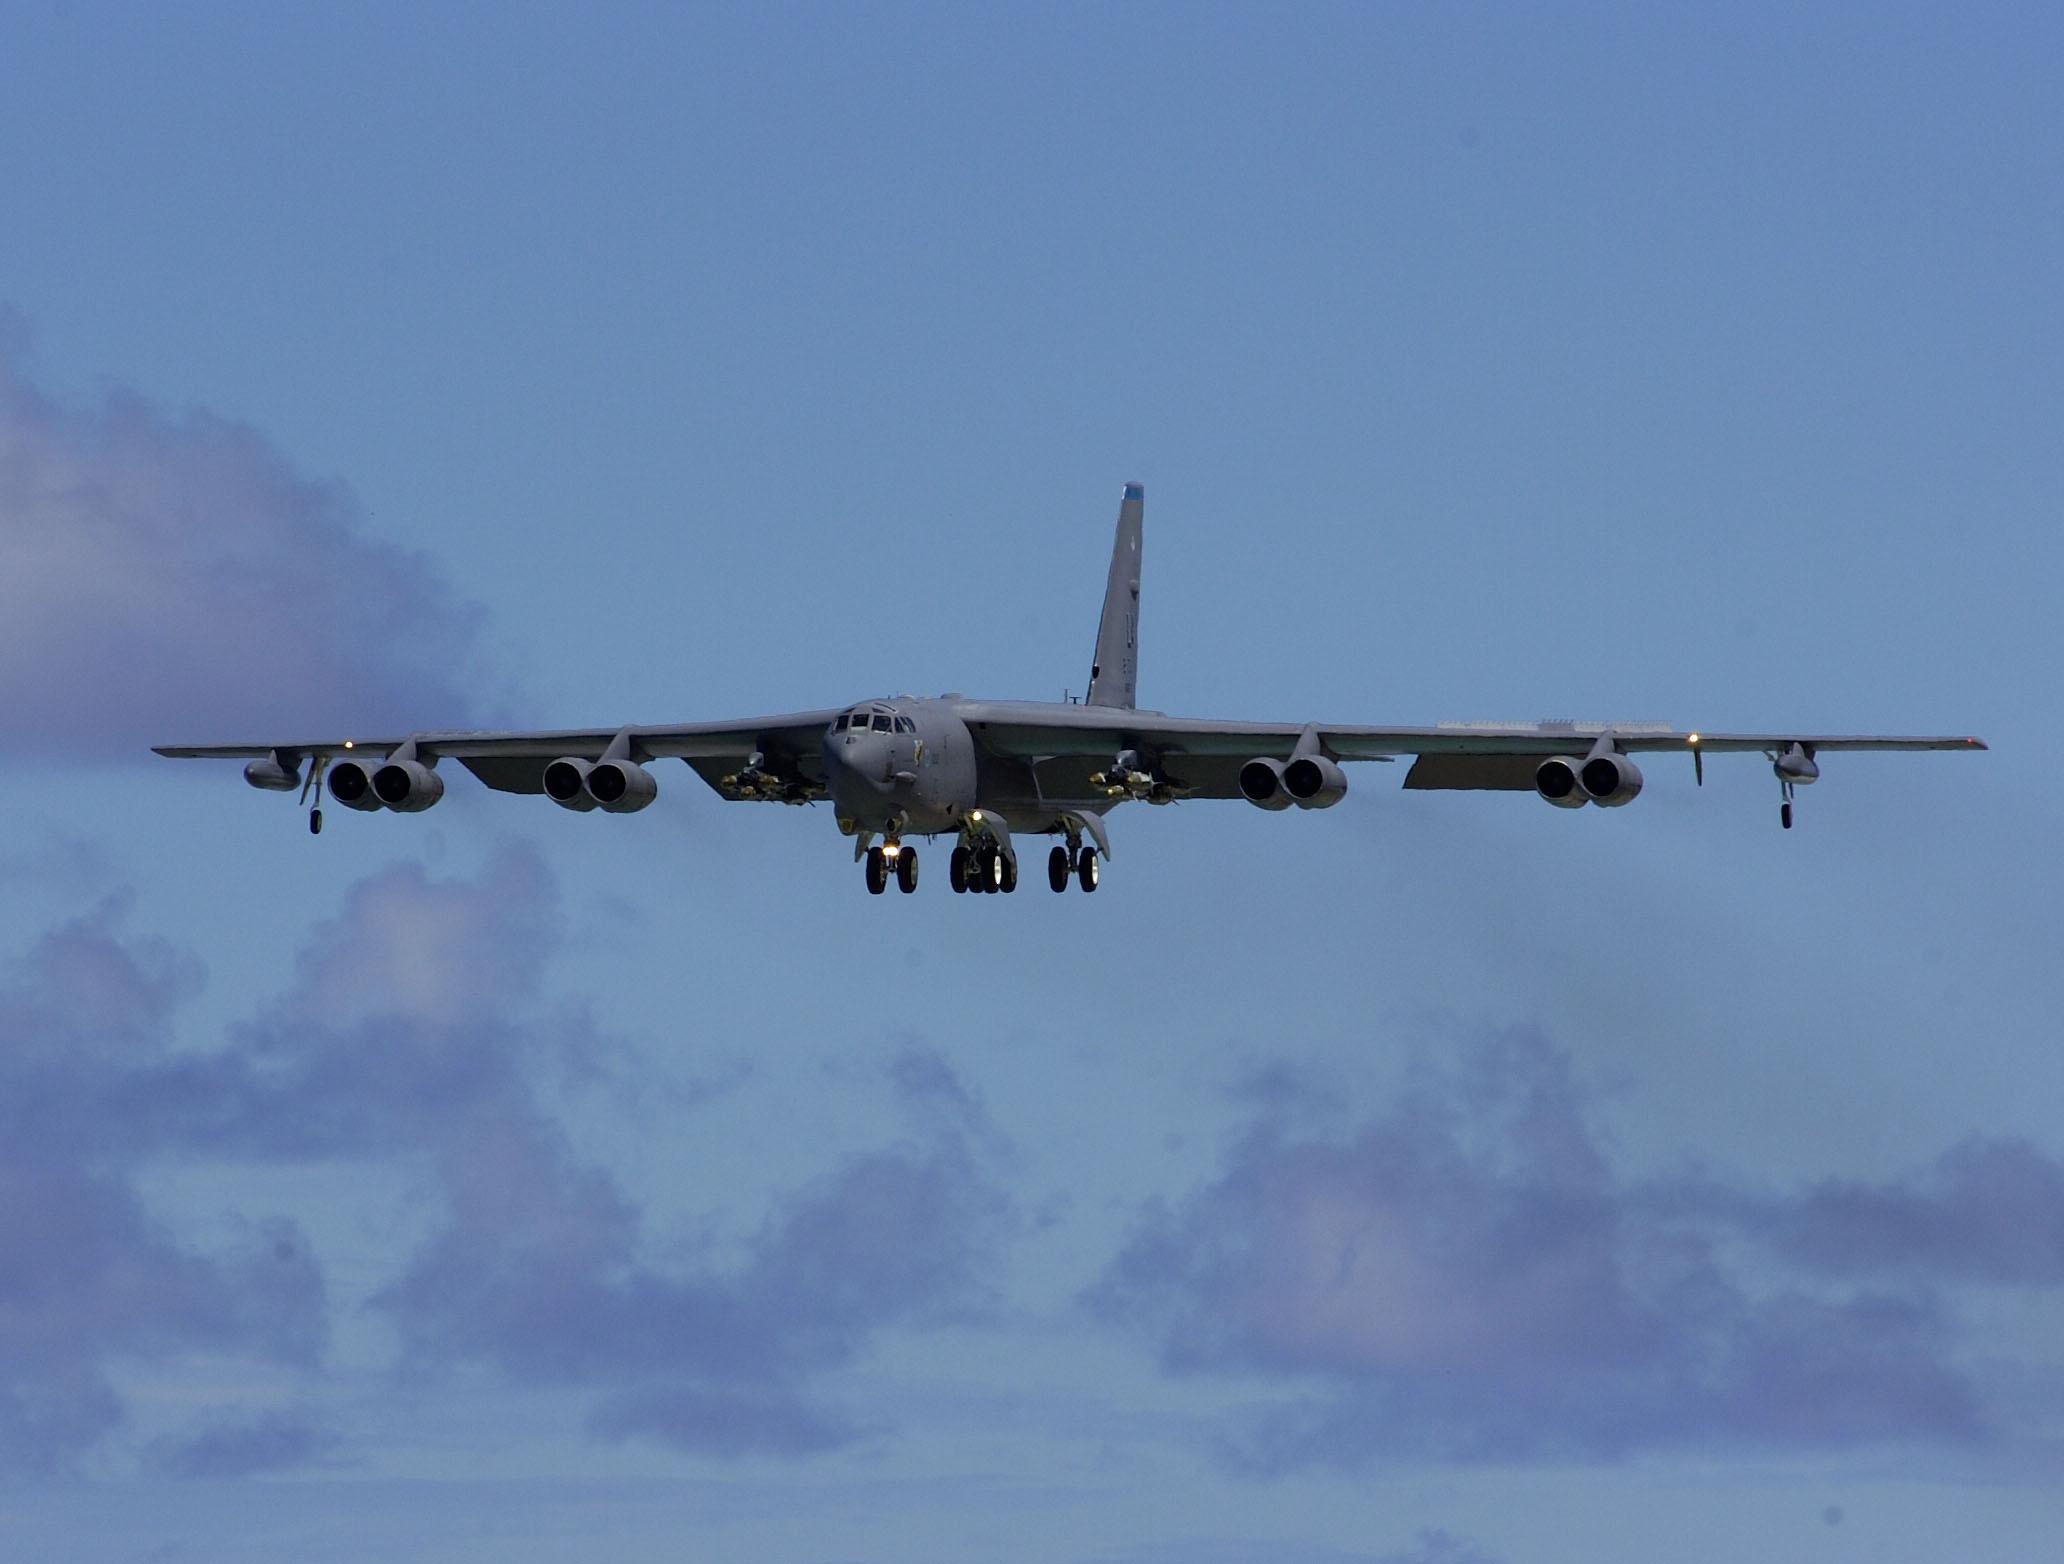 B 52 File:B-52 Stratofortre...